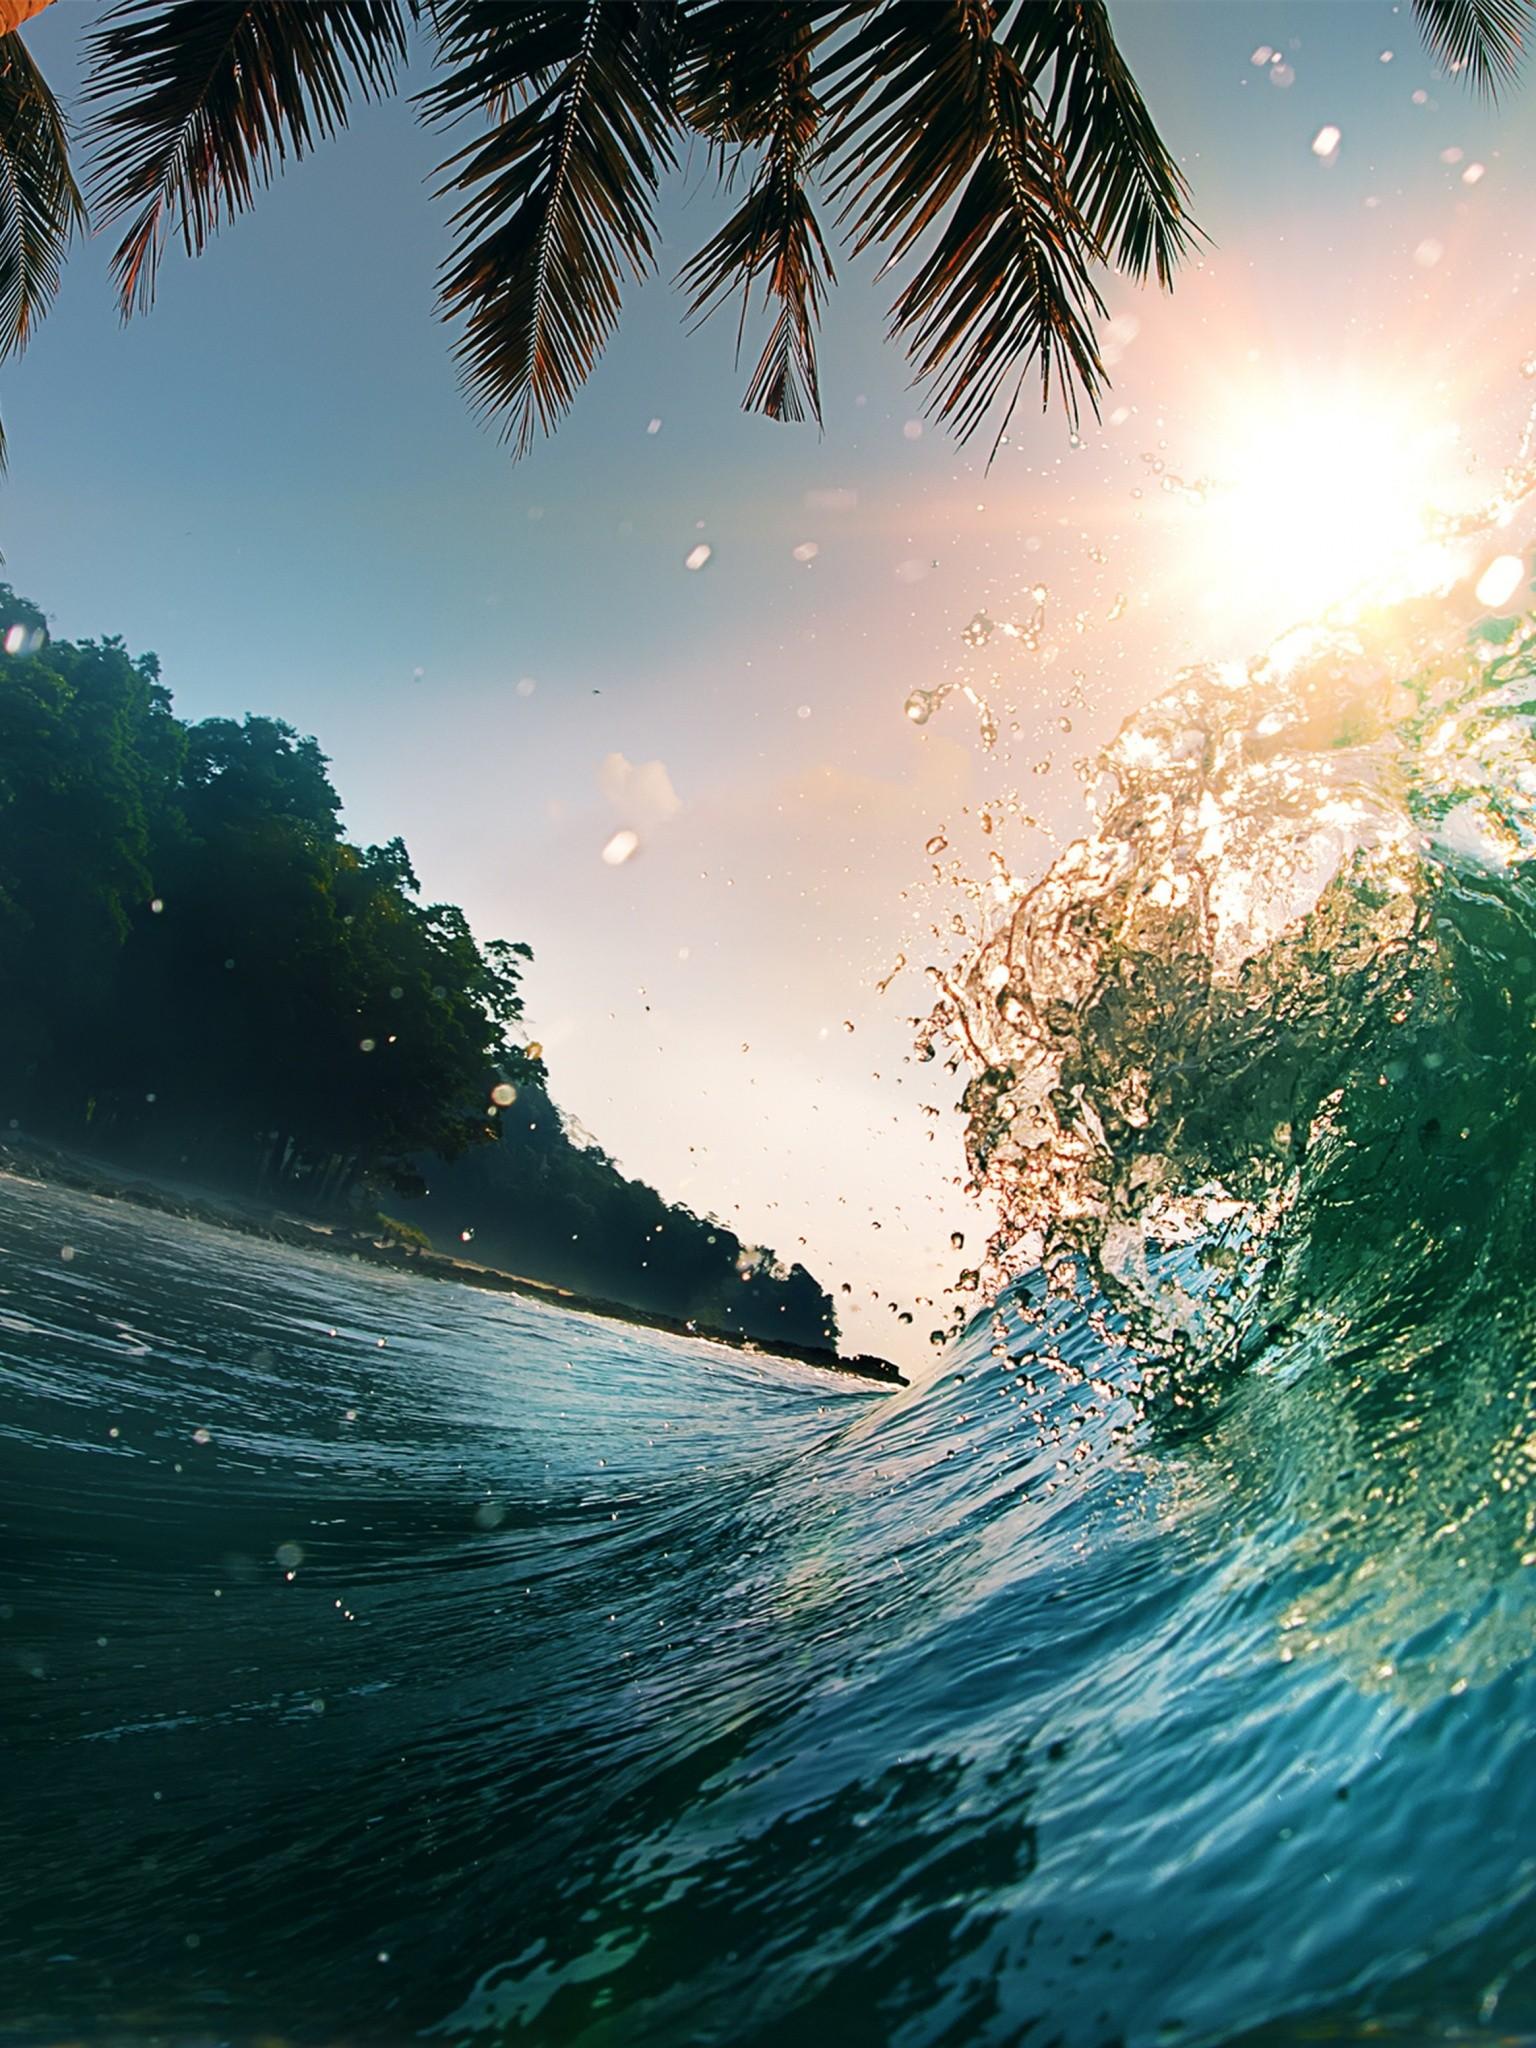 Waves Sea Ocean Beach Palm Trees Wallpaper 1536x2048